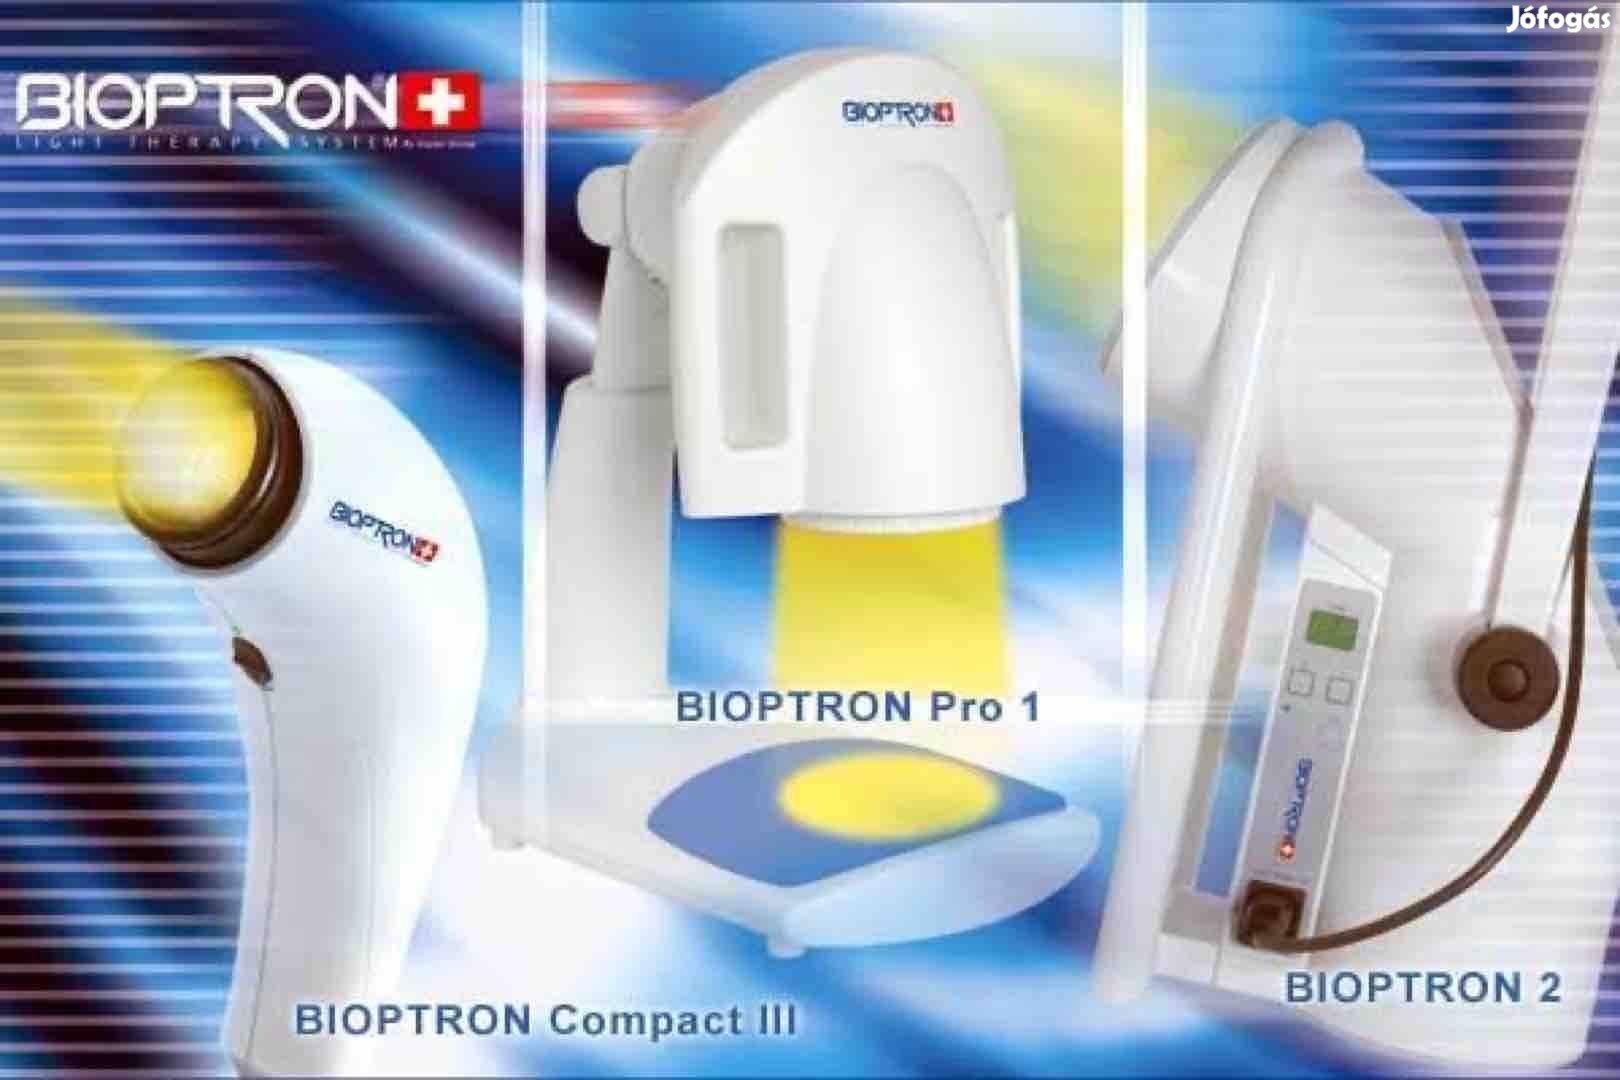 Keresek: Zepter bioptron lámpa, Zepter termék vétele országosan